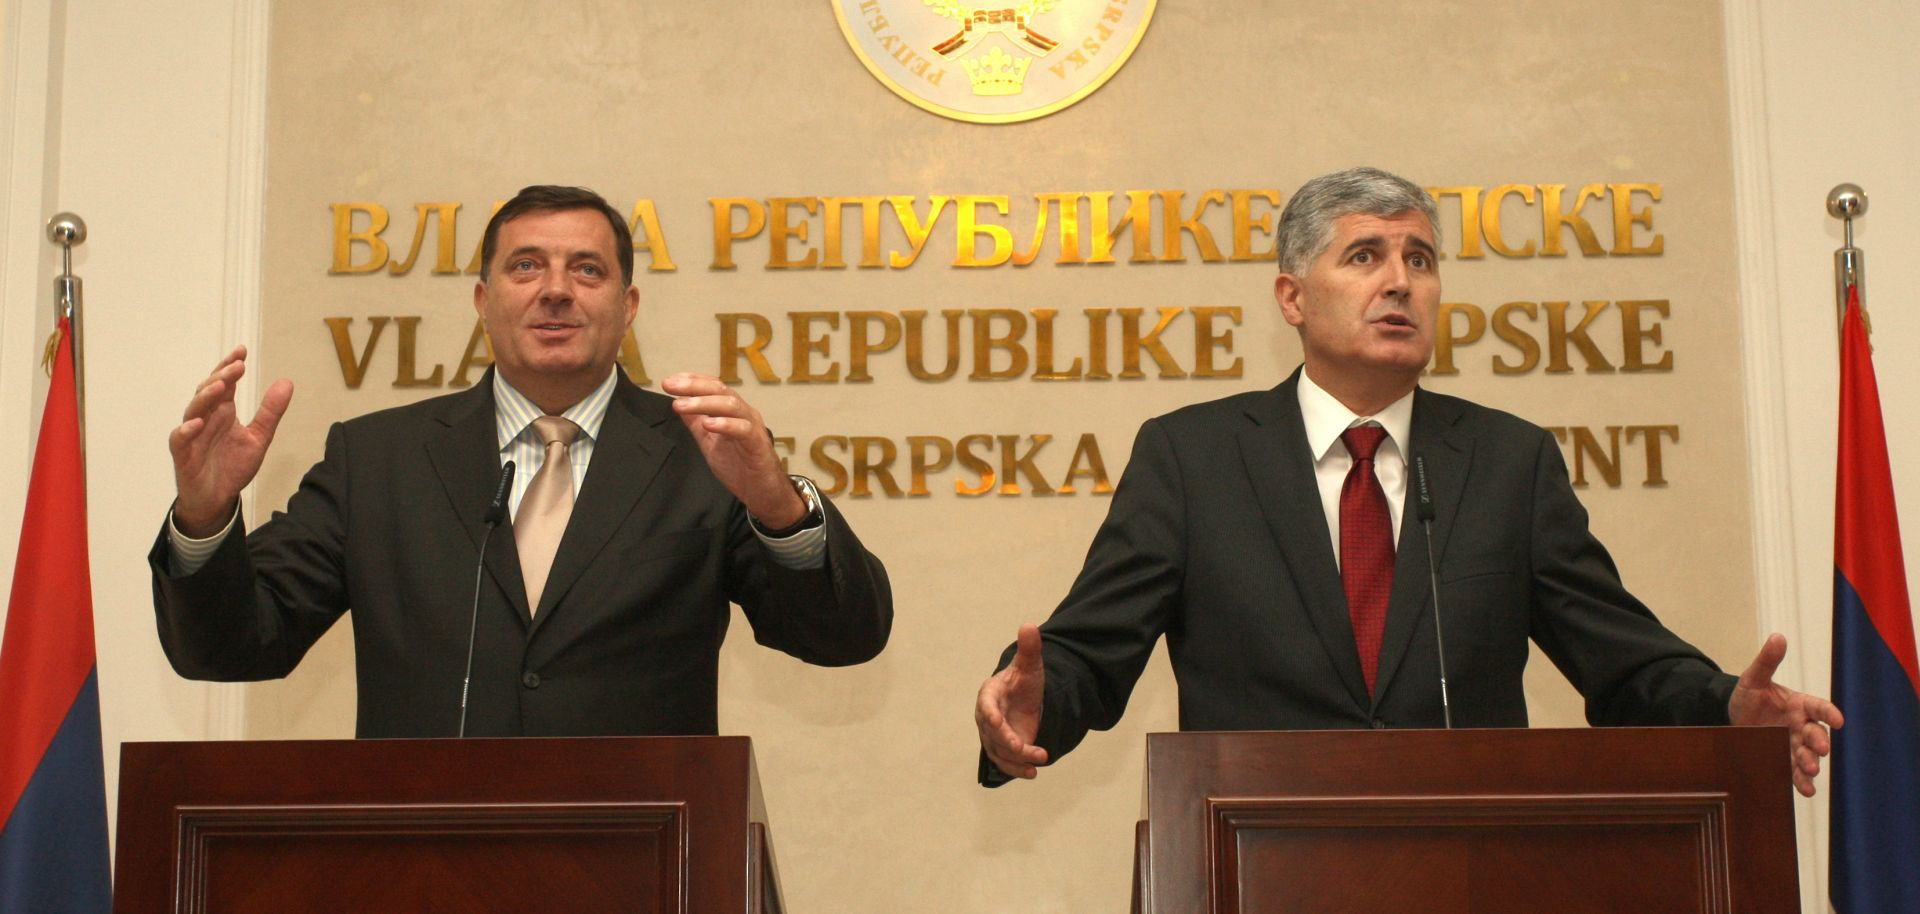 BiH: U RS šutnja uoči referenduma, napetosti rastu